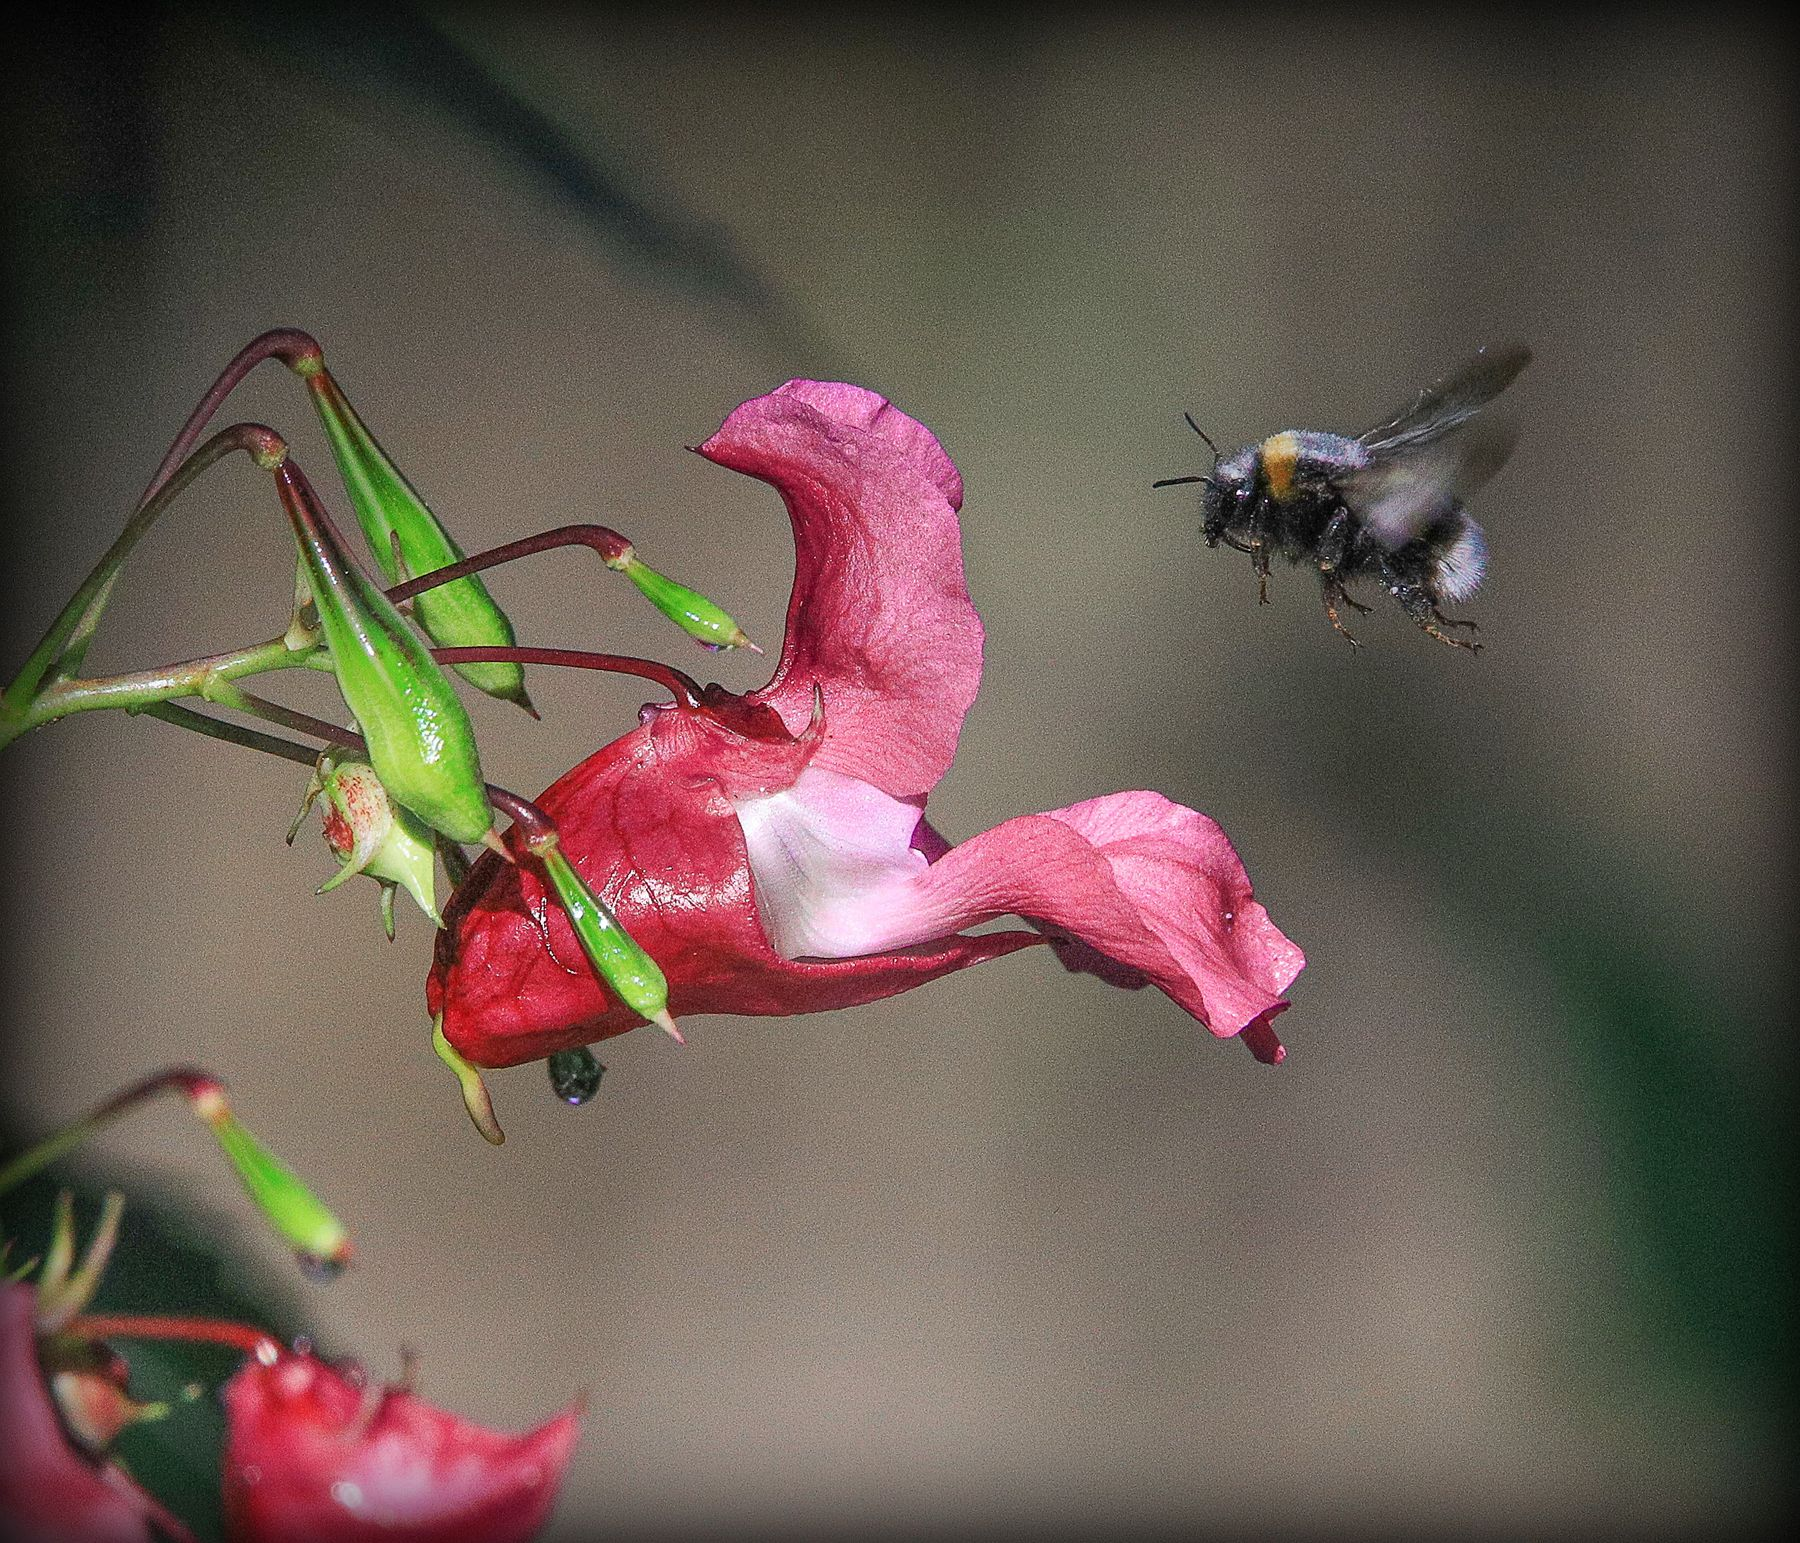 на подлете шмель цветы нектар лето